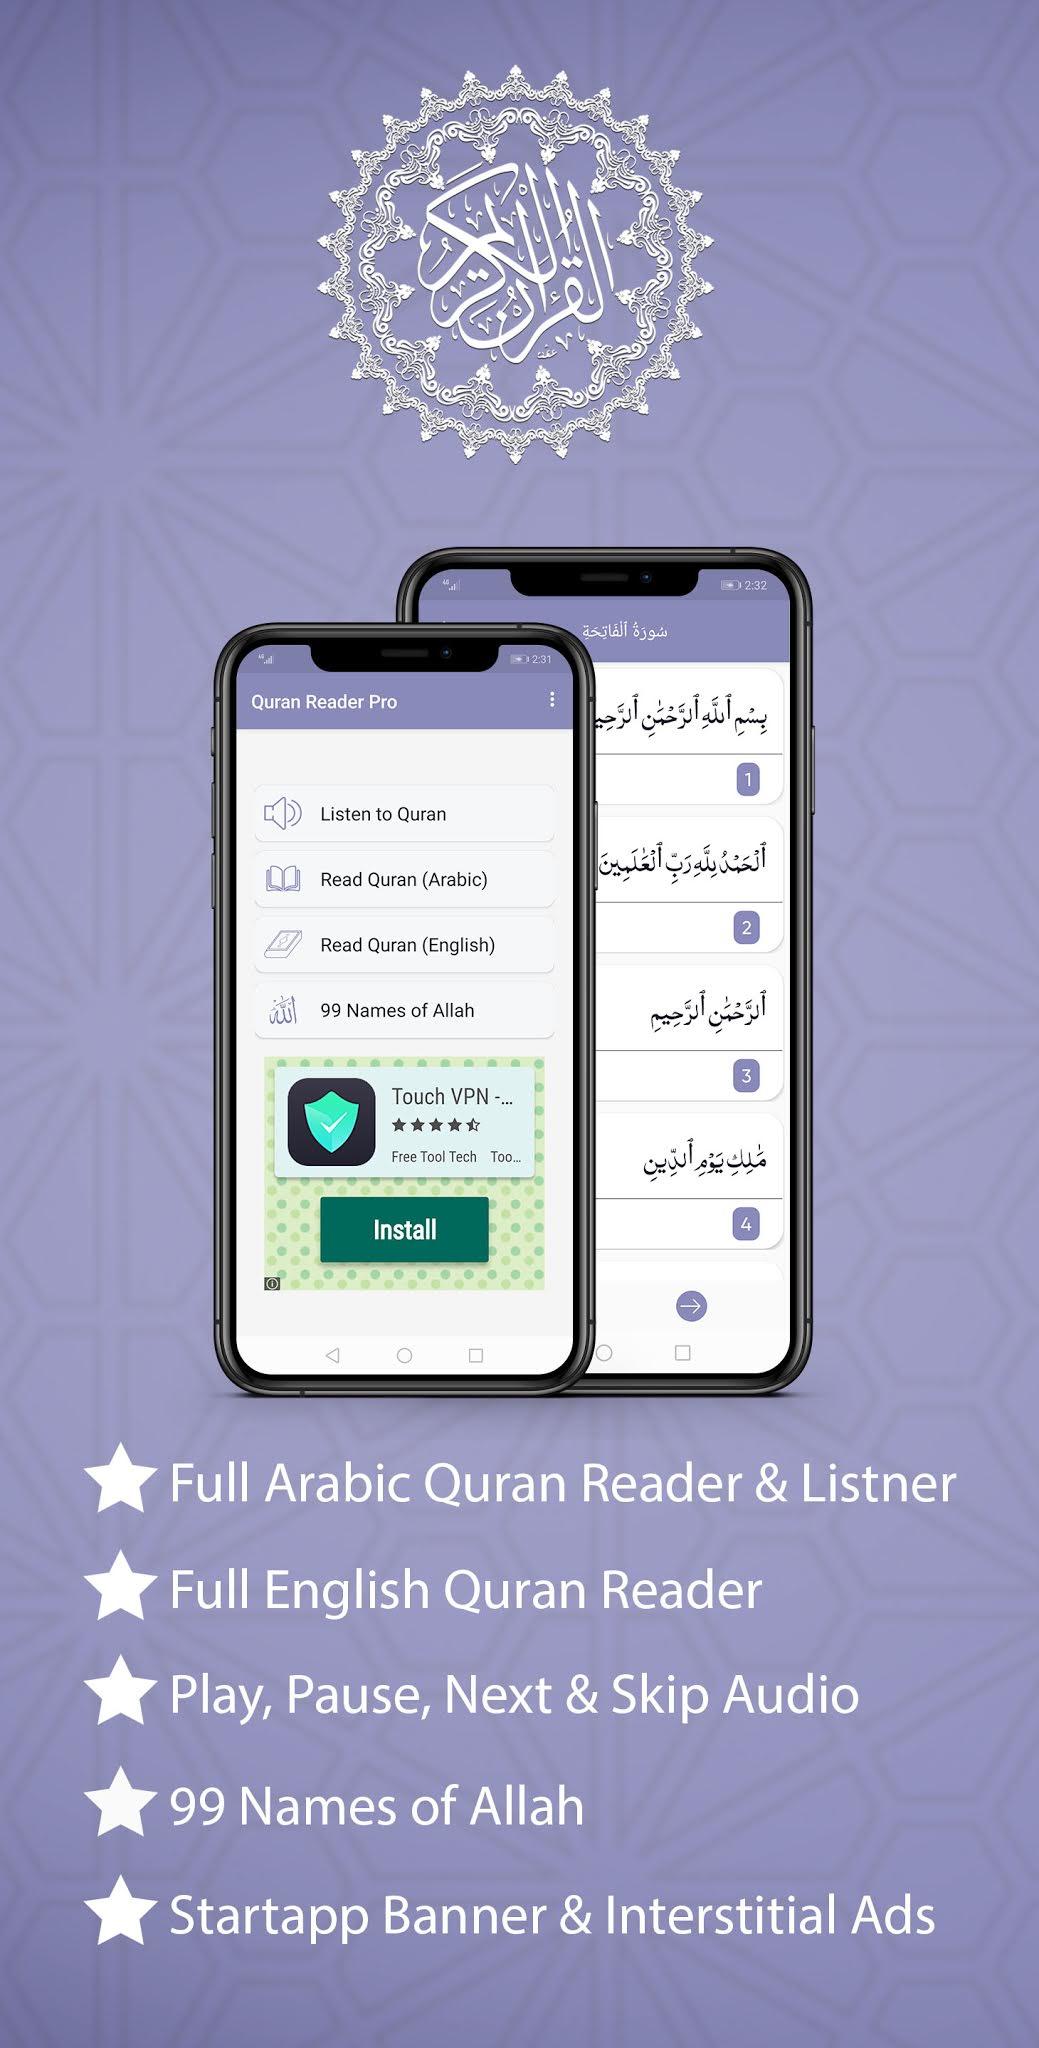 Quran Reader Pro | Listen & Read Full Holy Quran App for Muslims - 1